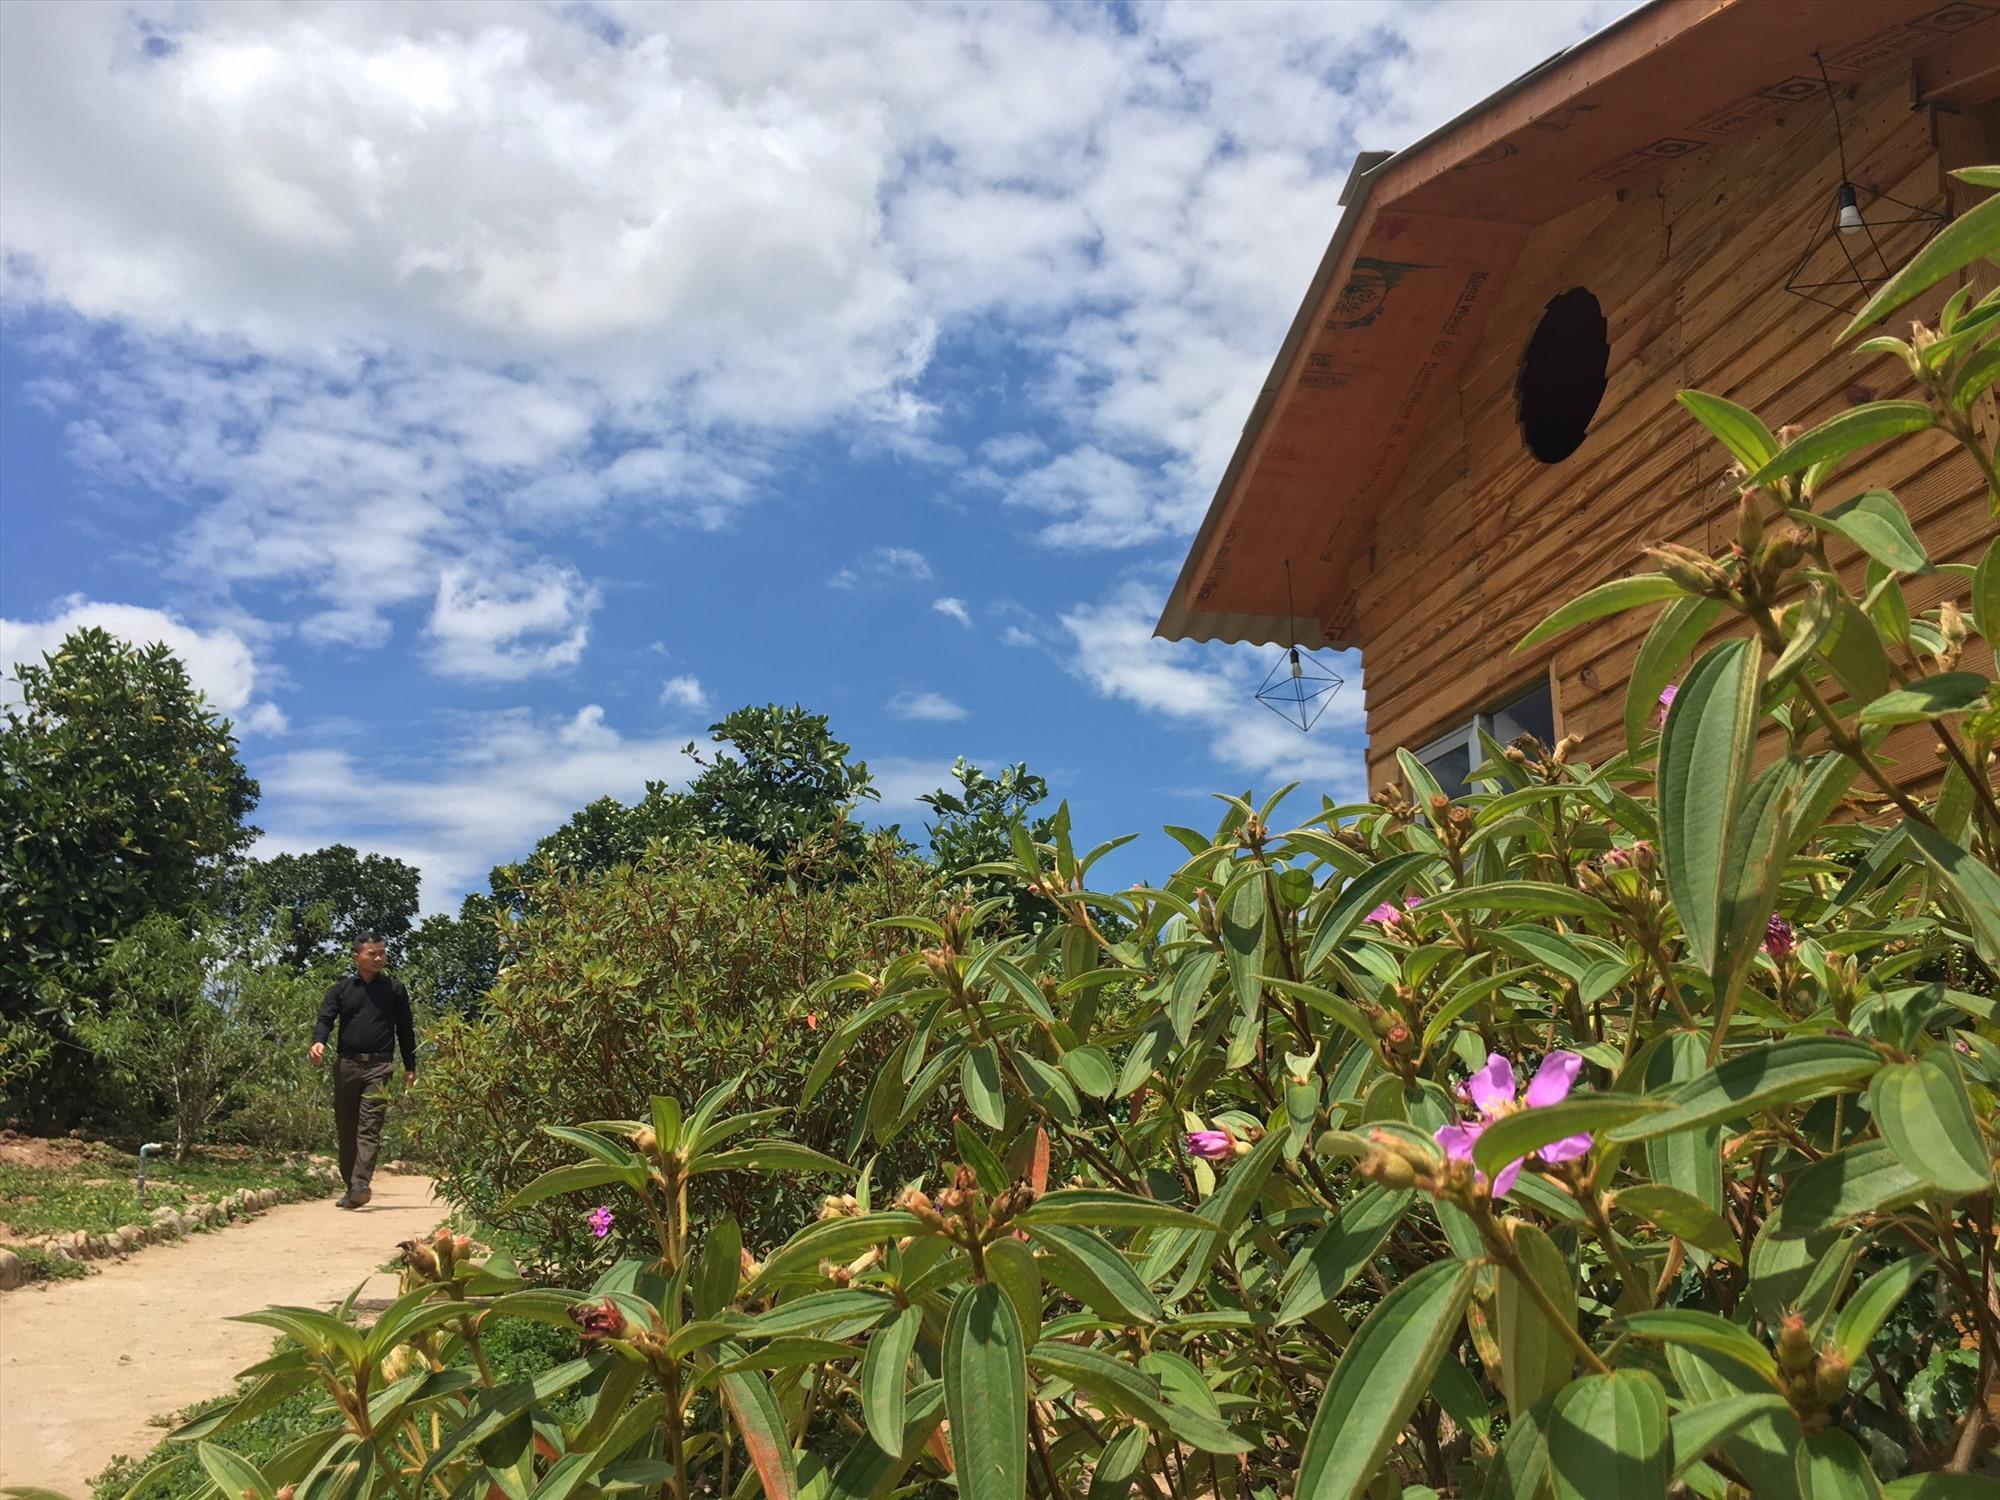 Nằm giữa vườn cà phê và nhiều cây ăn trái. Ảnh: YMS